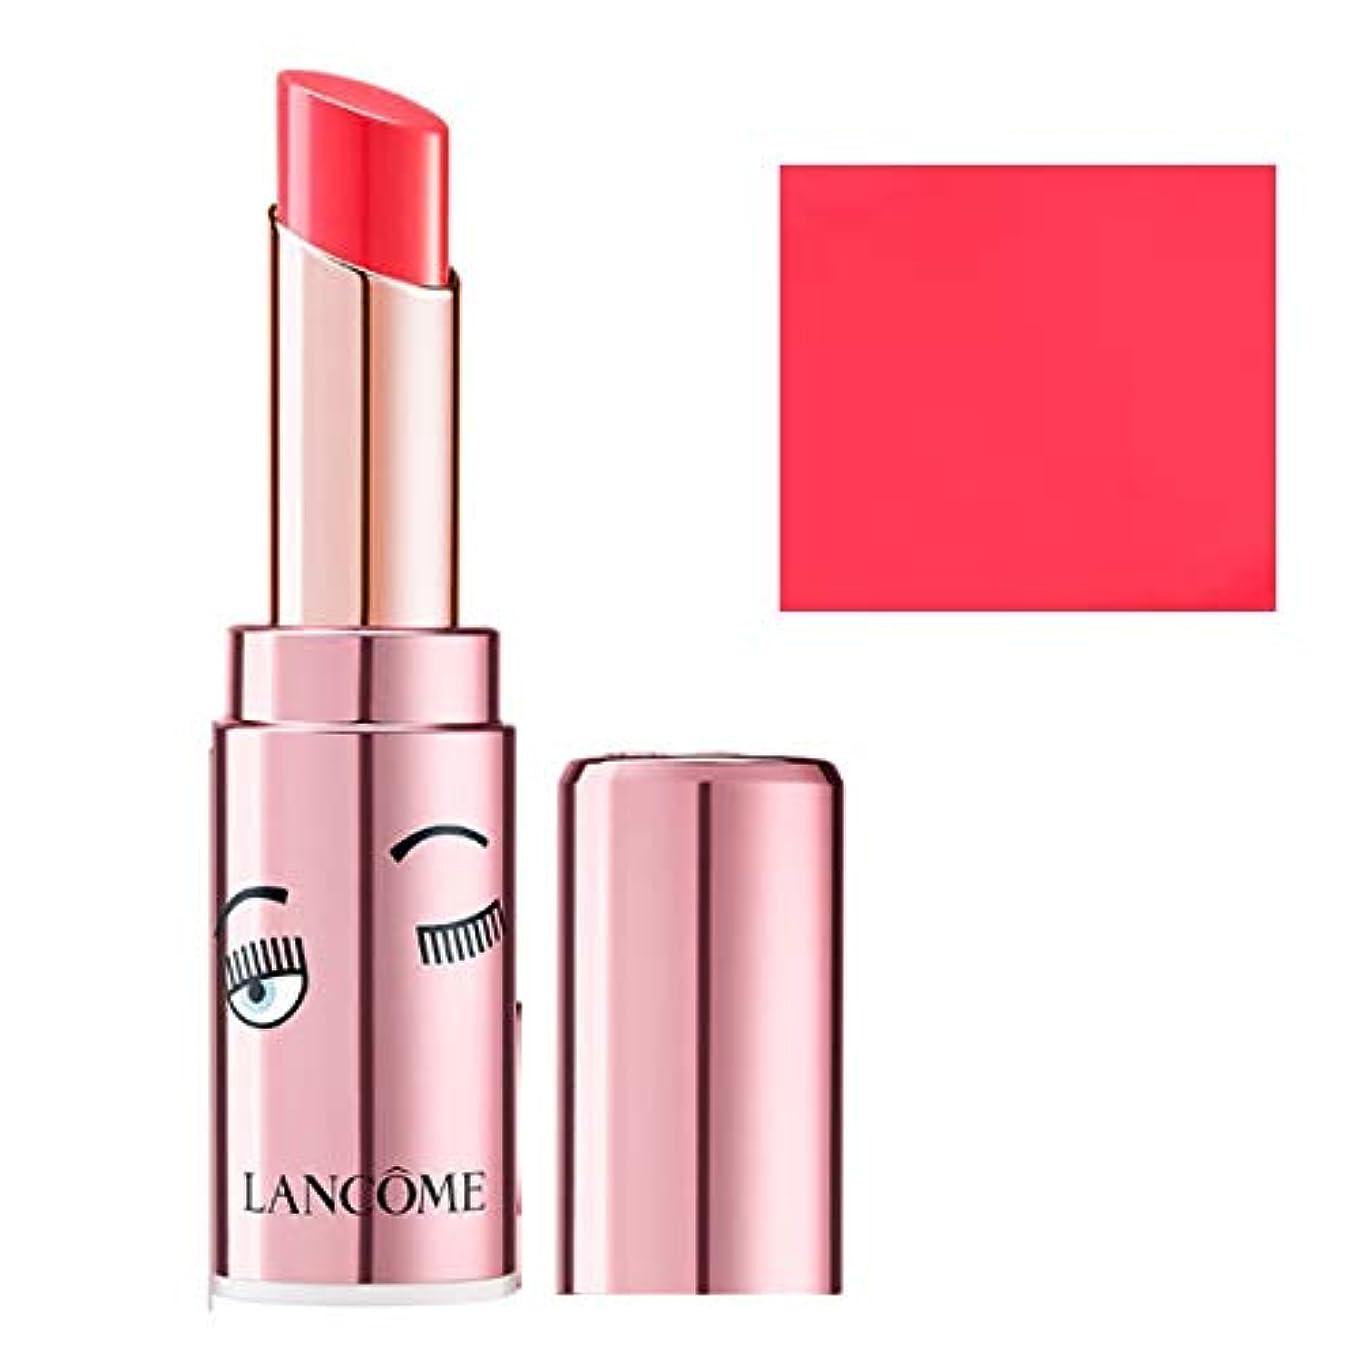 恐れスイッチ避けるランコム(LANCOME), 限定版 limited-edition, x Chiara Ferragni L'Absolu Mademoiselle Shine Balm Lipstick - Positive Attitude...